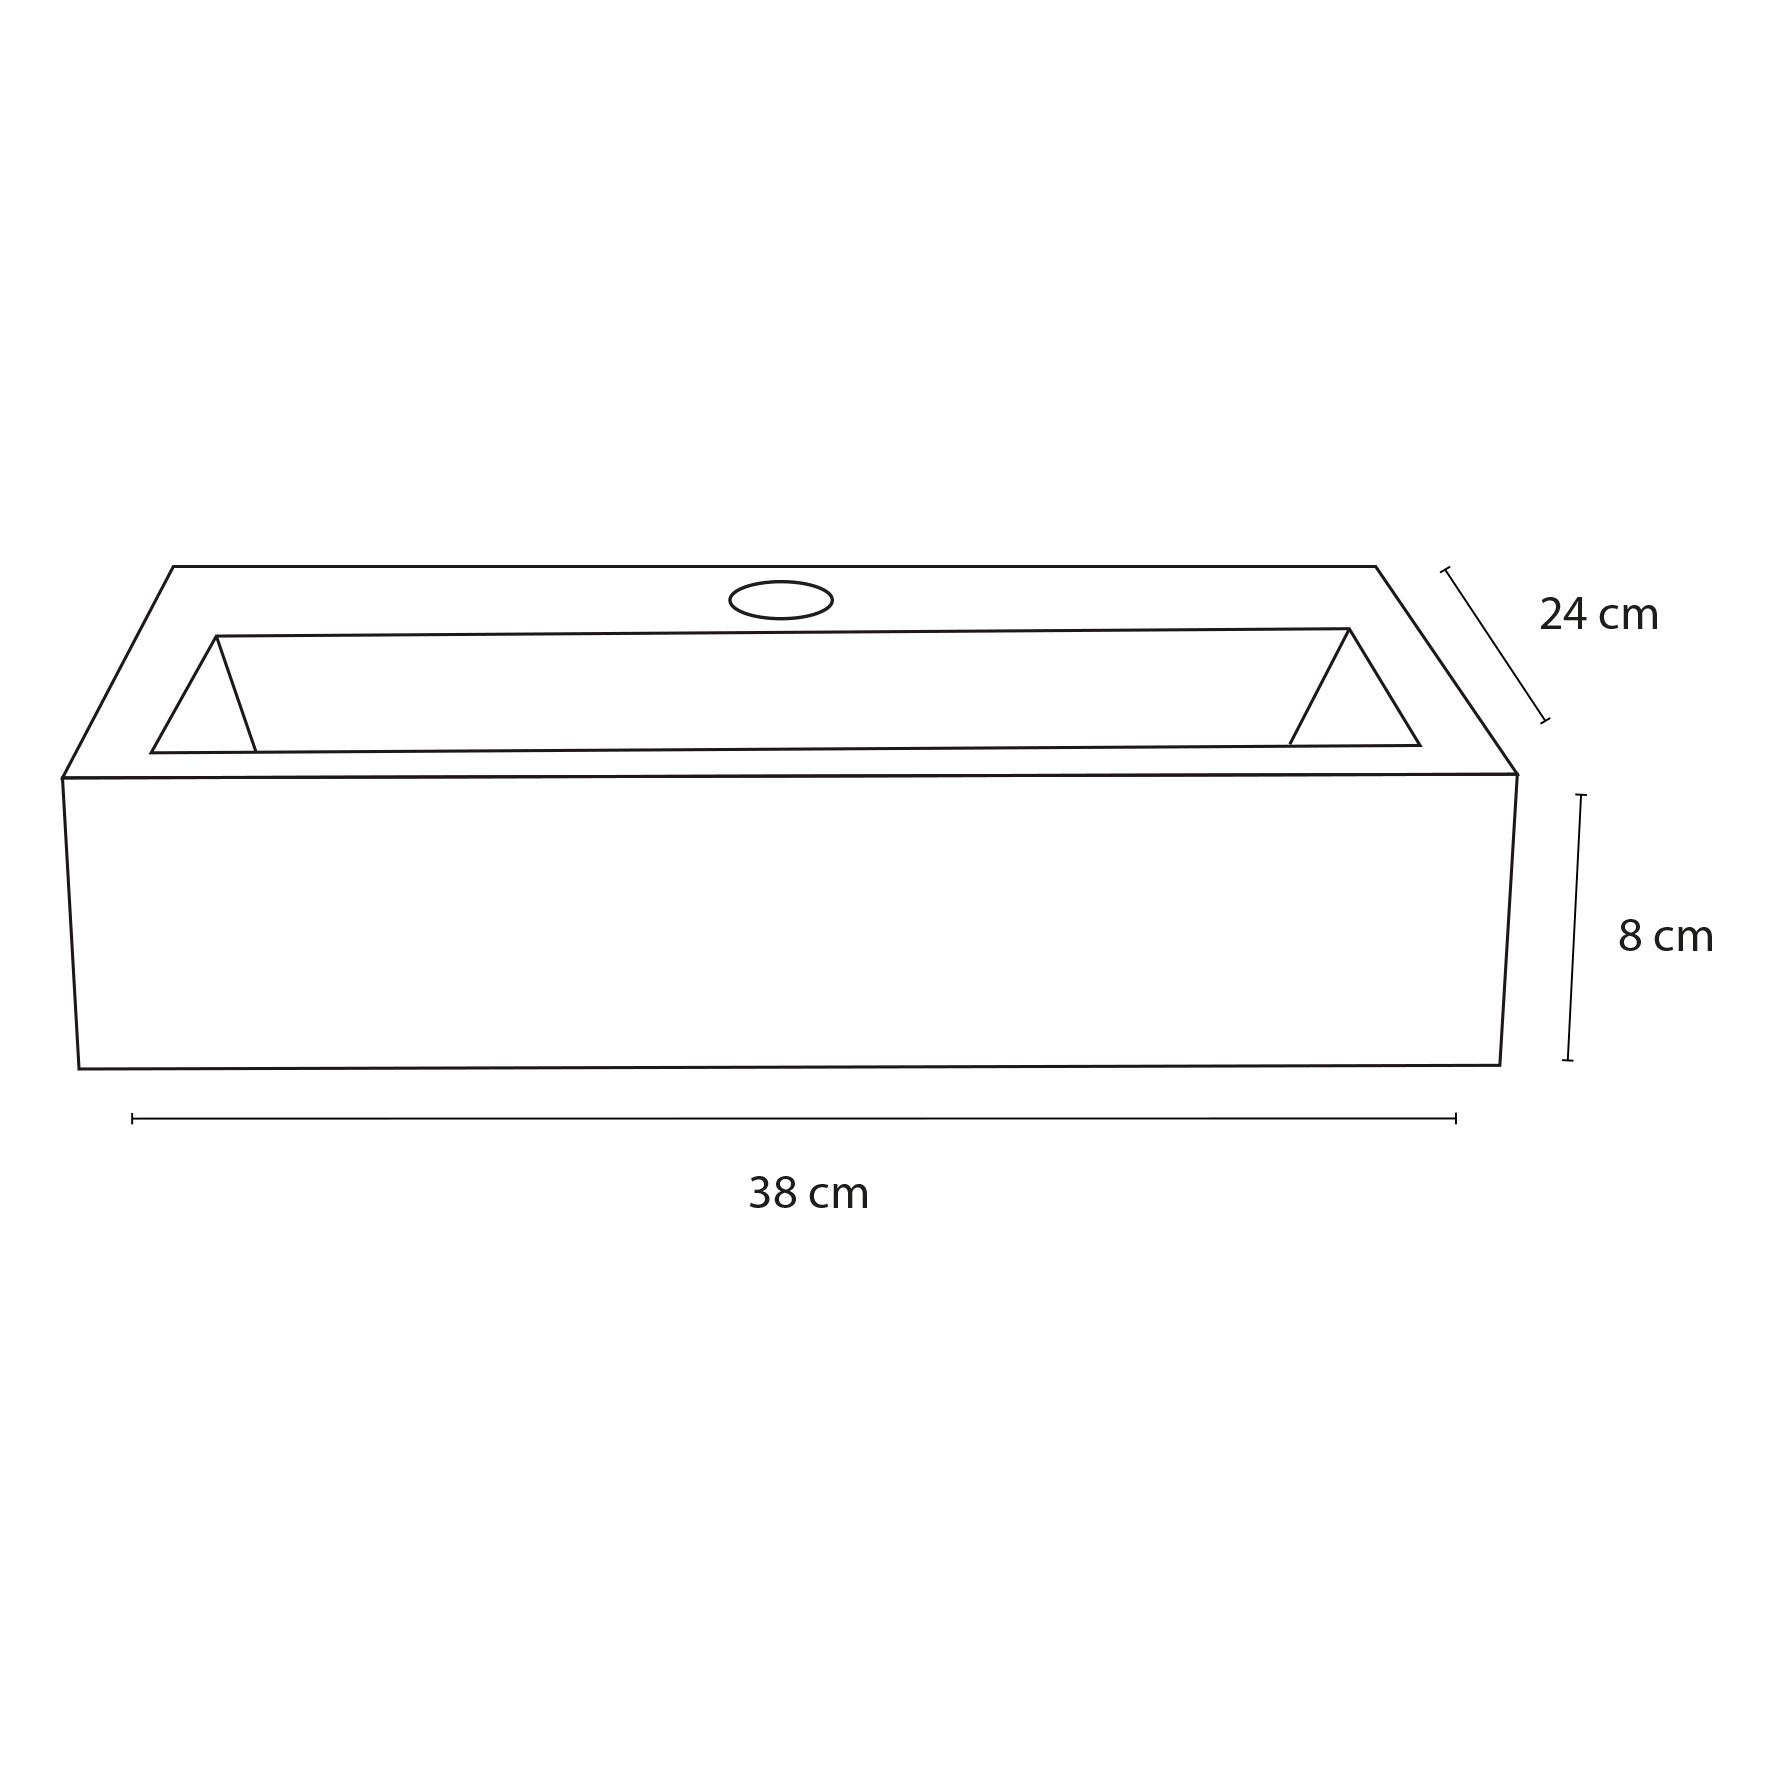 Flat fontein – Beton lichtgrijs 24 x 38 x 8 cm-3